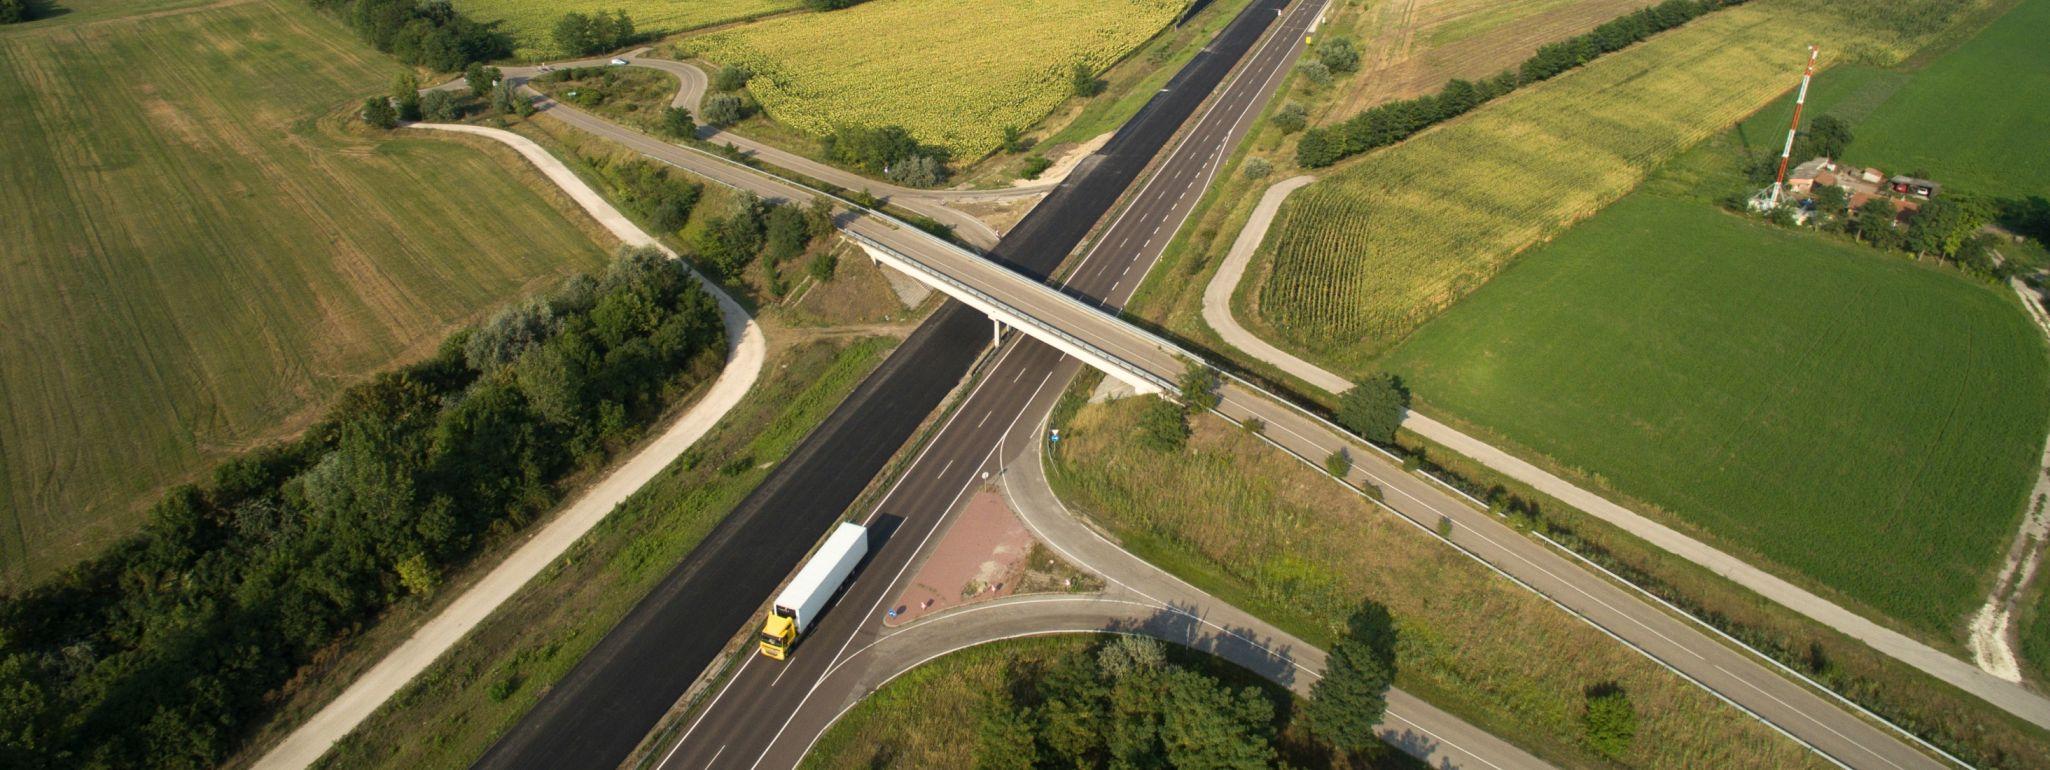 közlekedési infrastruktúra fejlesztés